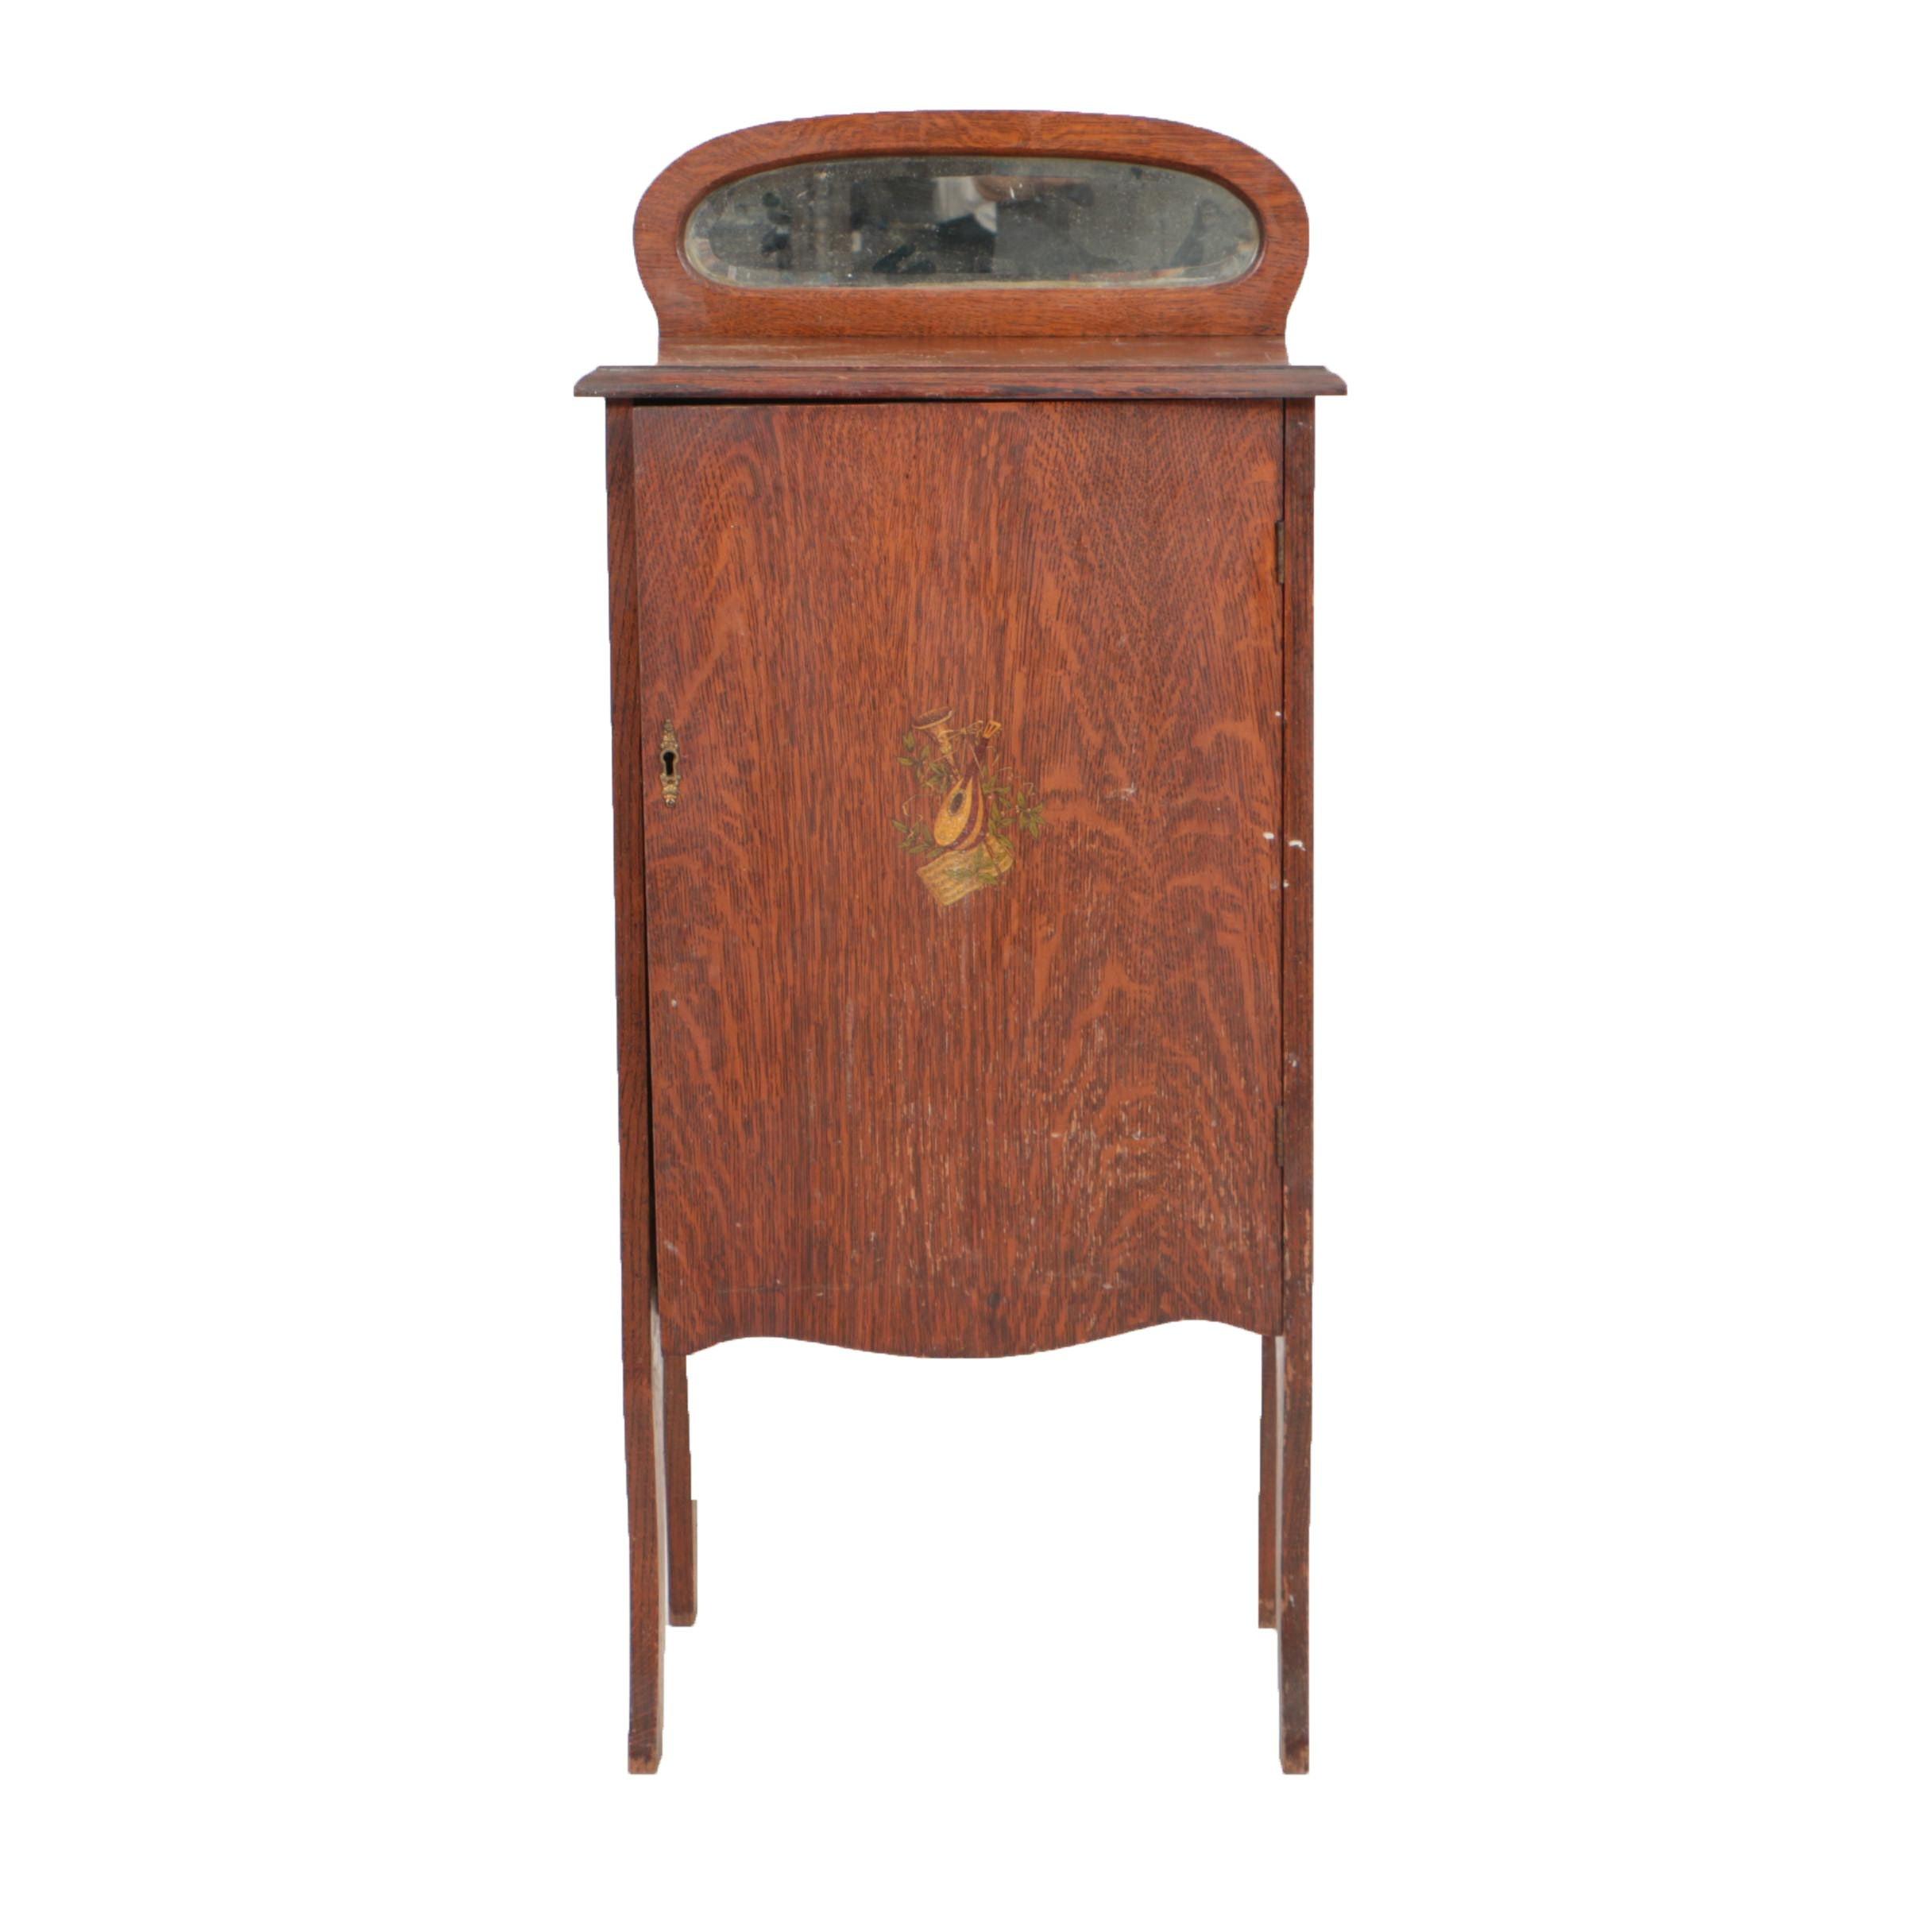 Early 20th Century Oak Sheet Music Cabinet